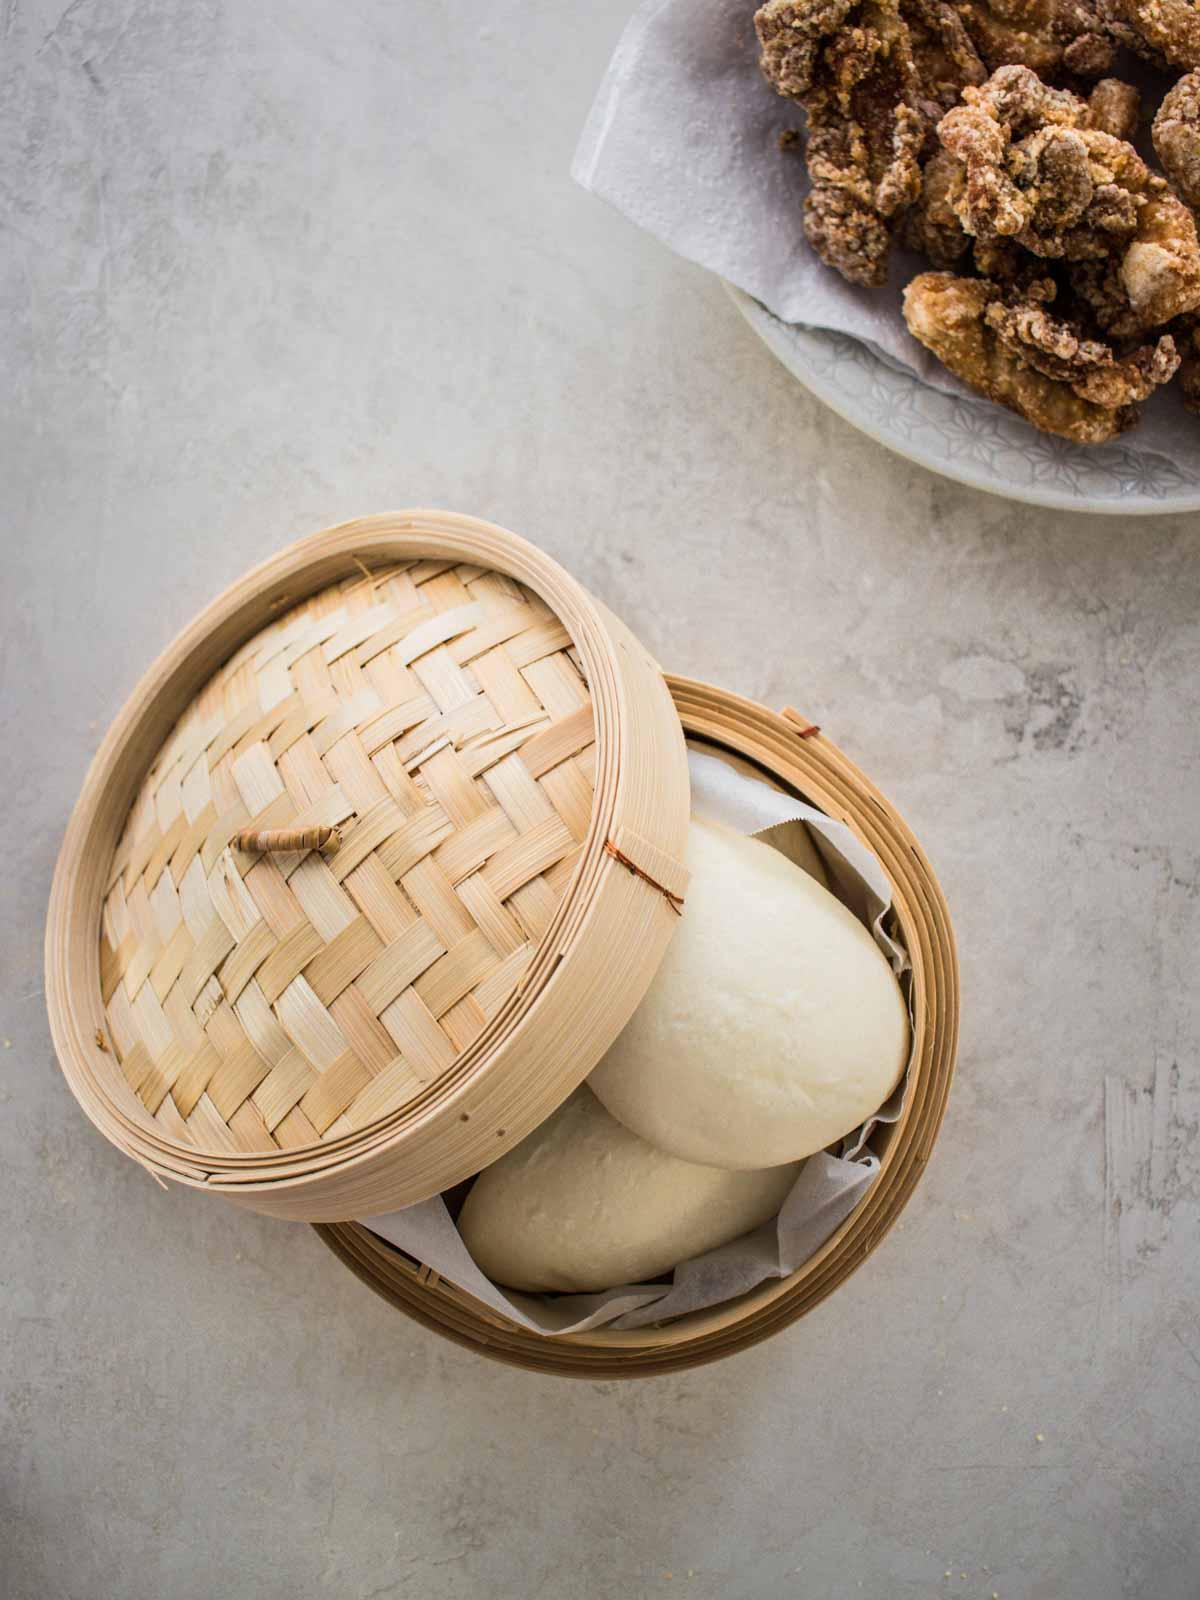 boa buns in a bamboo steamer